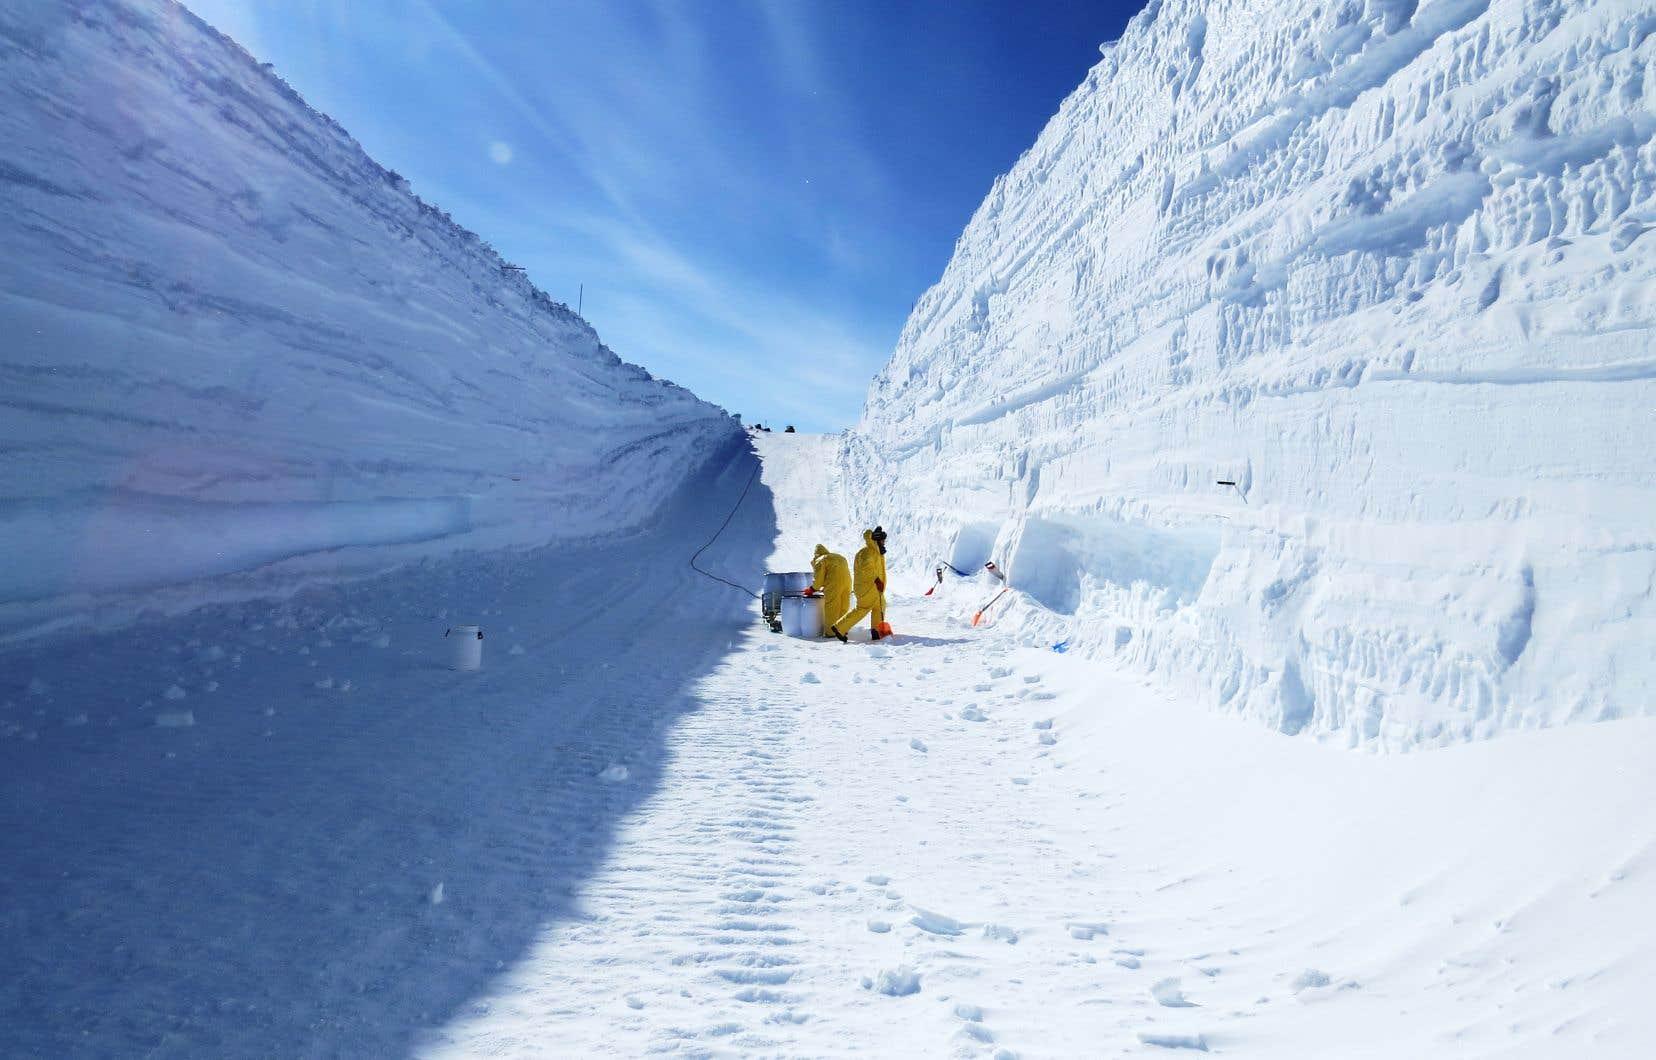 L'Antarctique constitue le terrain de jeu parfait pour les scientifiques en quête de poussières extraterrestres. Ce continent est le dernier à avoir été exploré par l'homme, mais surtout, le fait qu'il soit couvert de neige et de glace et qu'il soit isolé des autres continents par d'immenses océans a permis de protéger ces poussières extraterrestres des poussières terrestres.